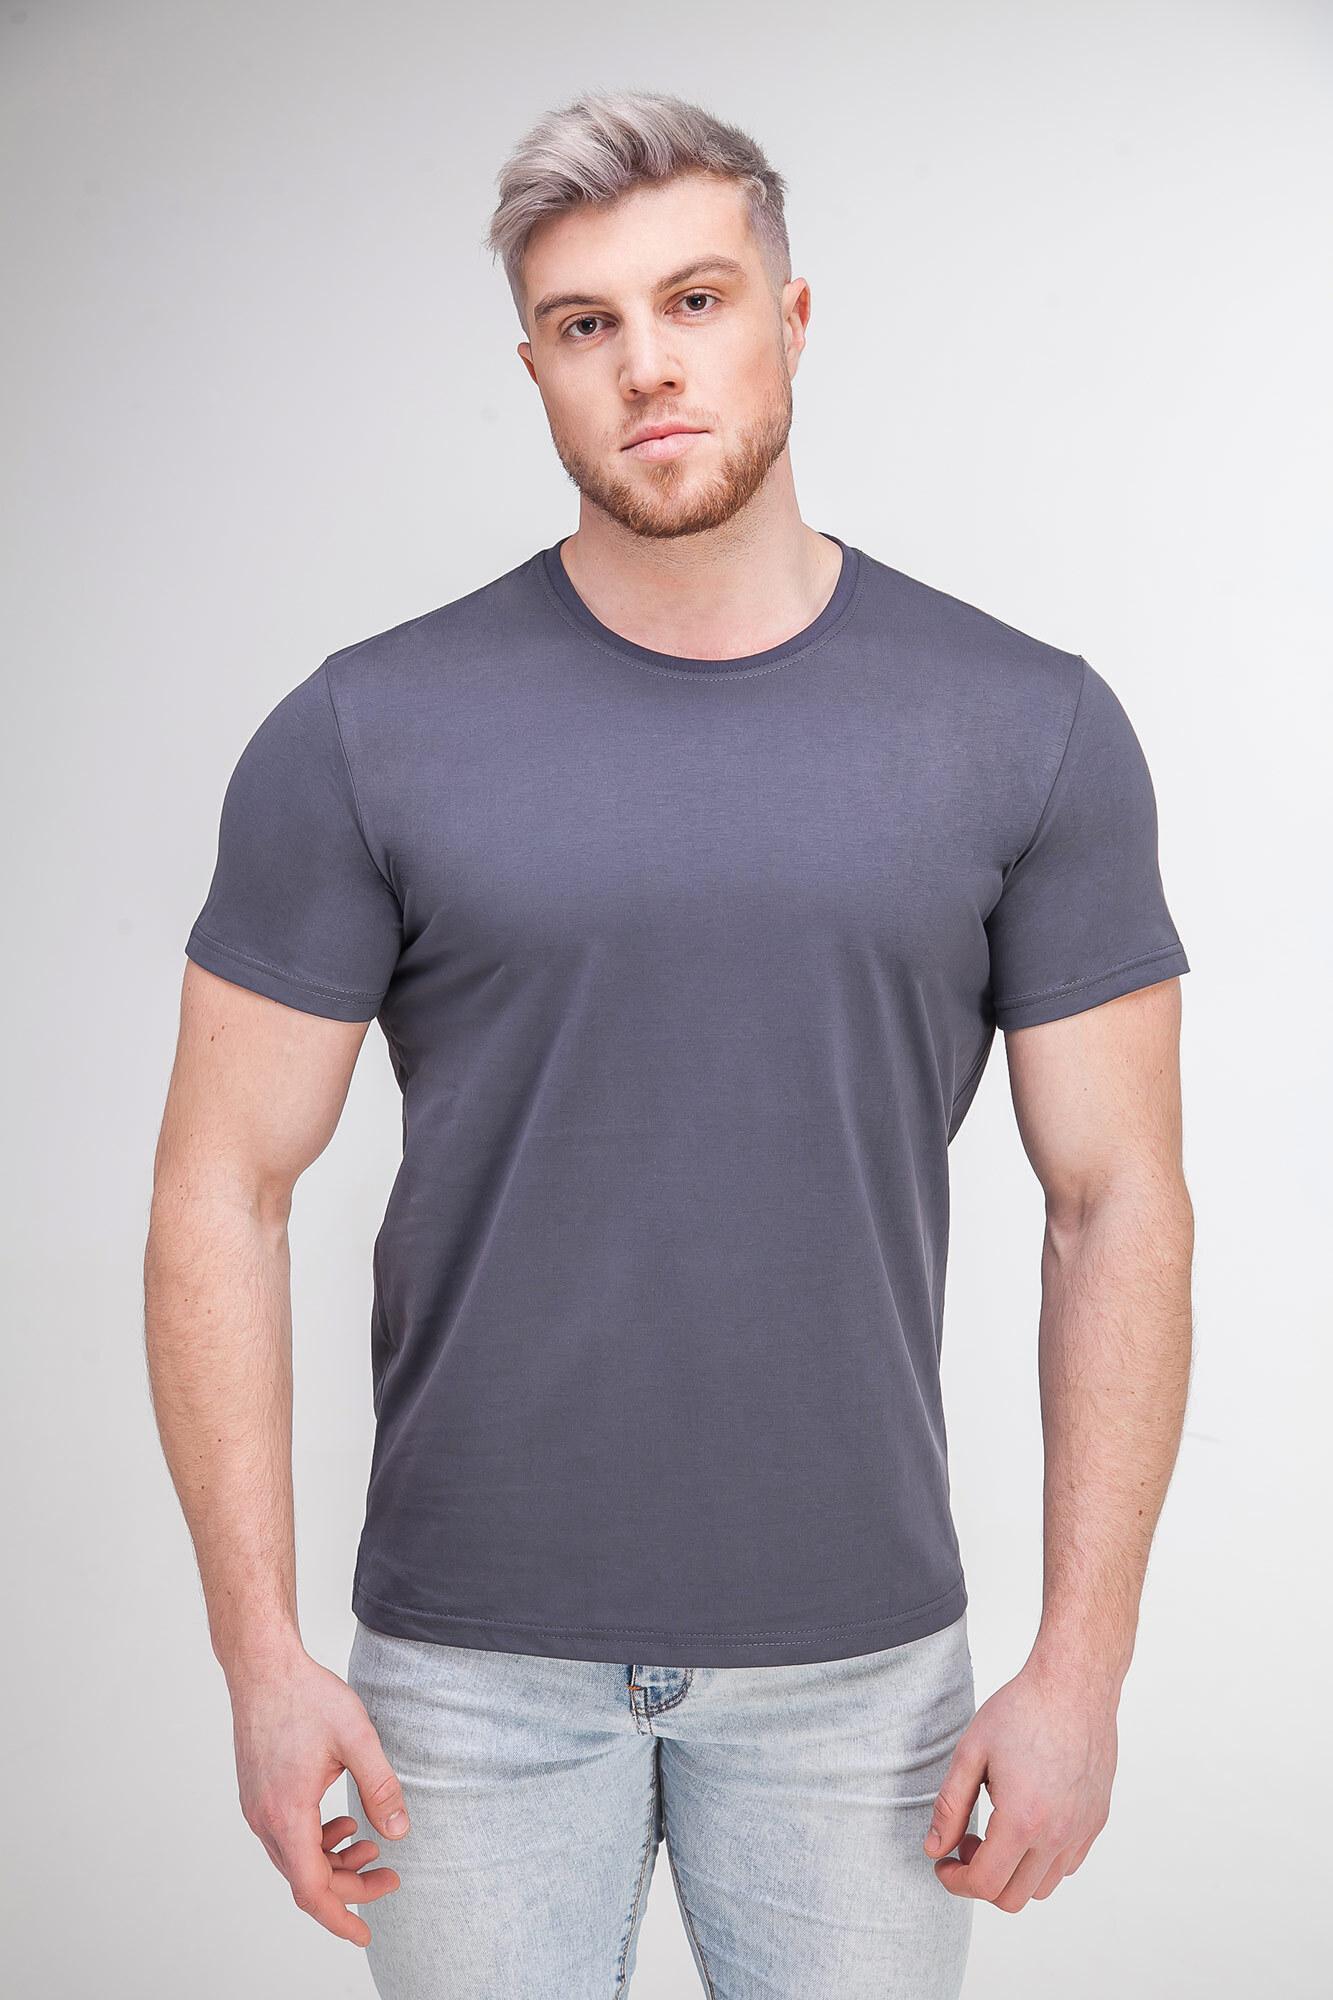 Однотонная базовая футболка серого цвета